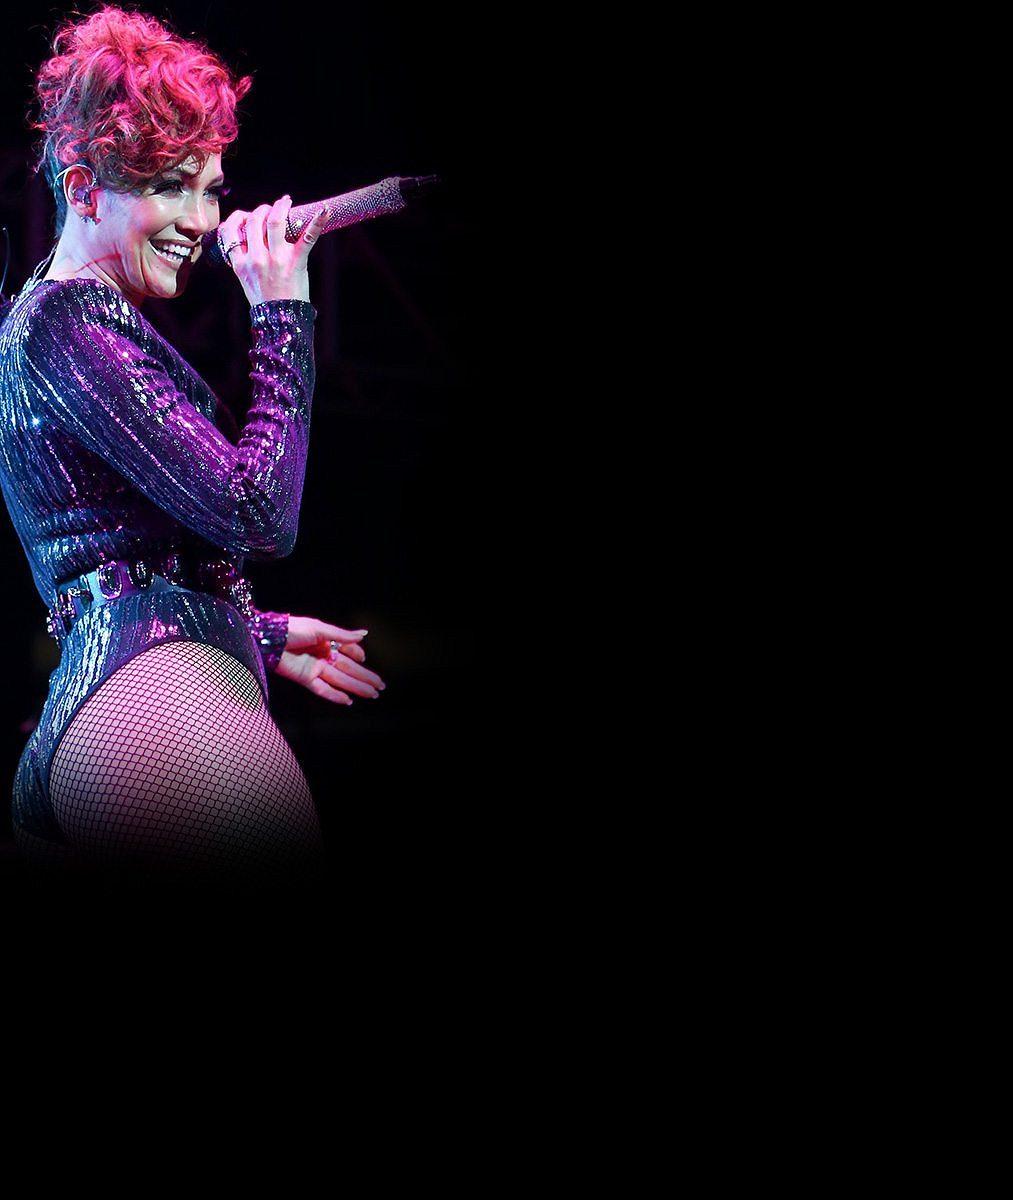 Jennifer Lopez je nadčlověk? Takhle sexy dovede být na koncertě jedině ona